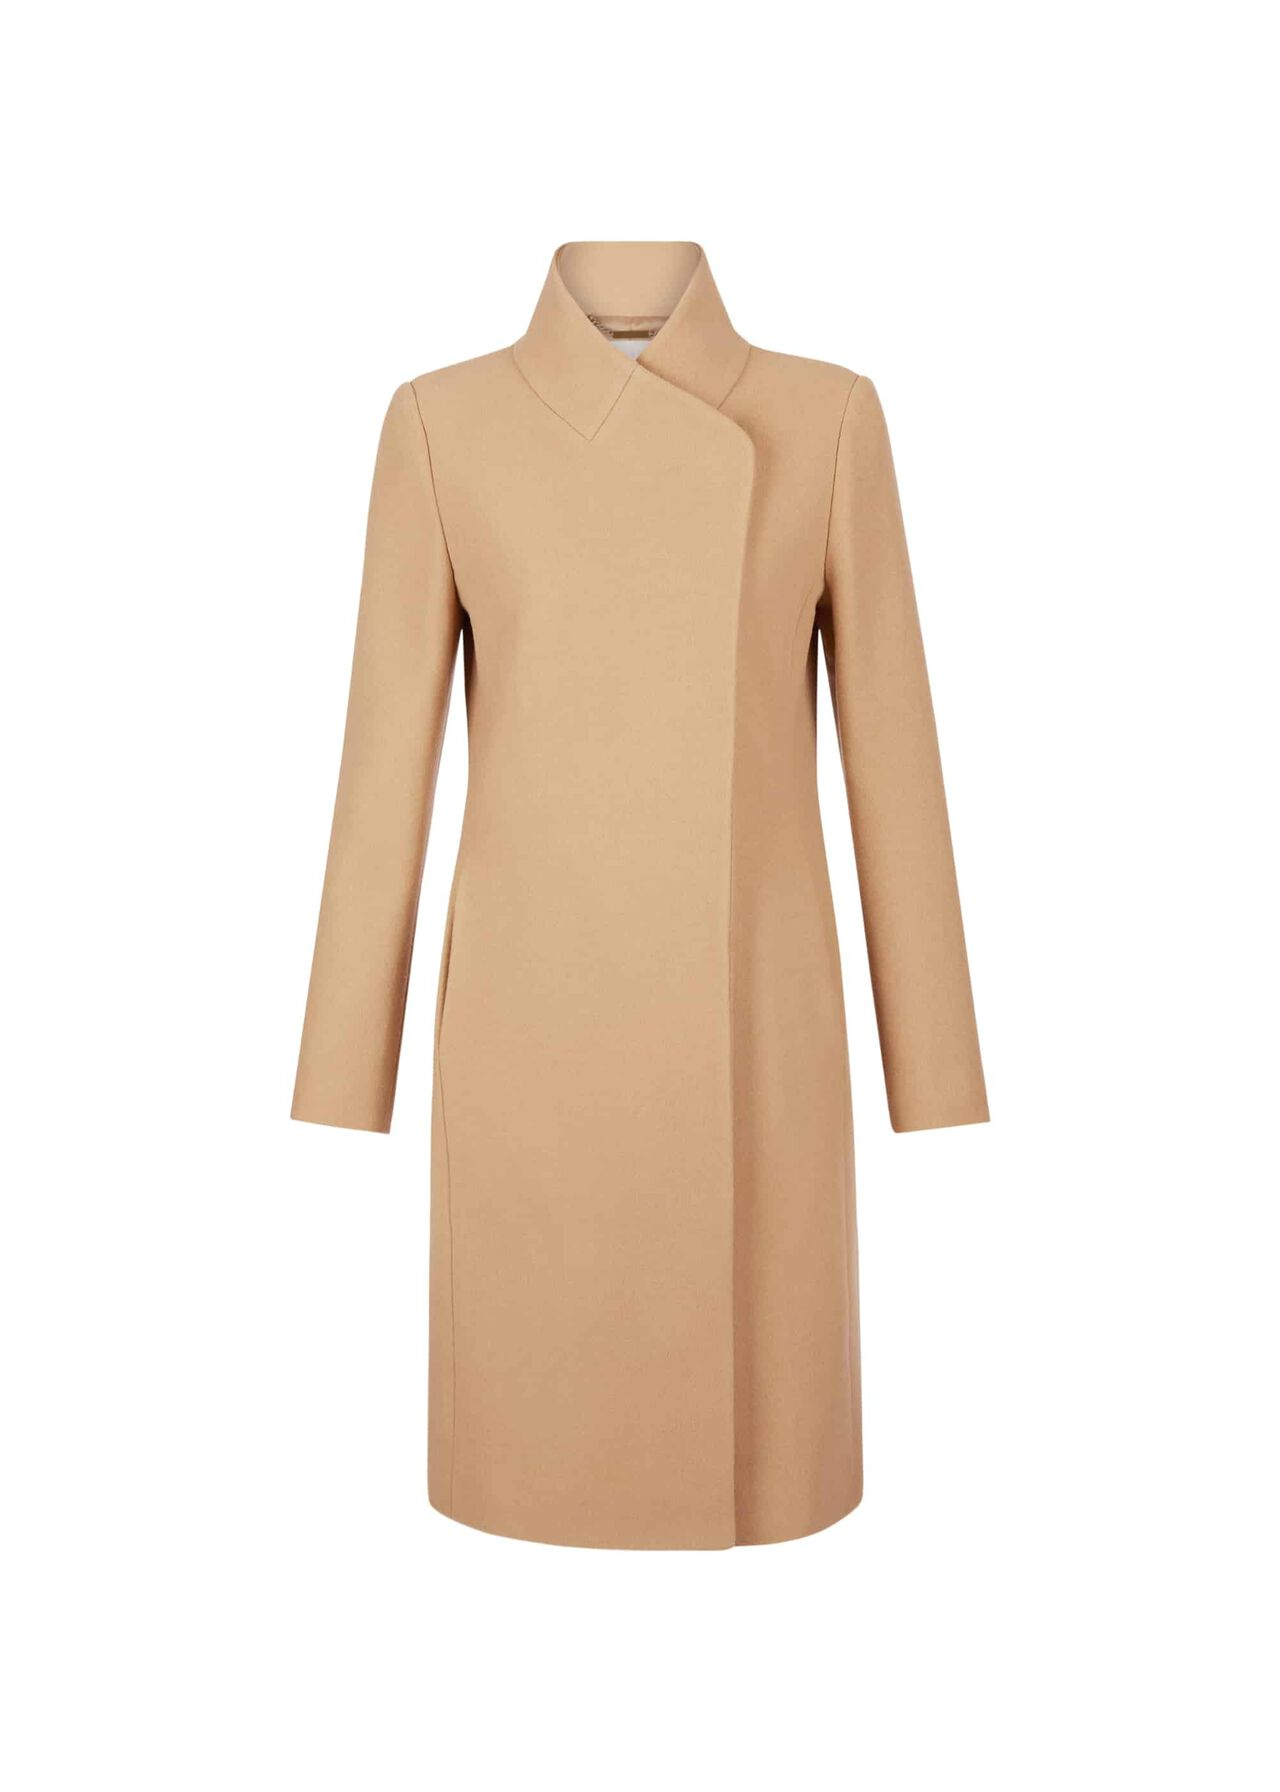 Romy Wool Blend Coat Camel